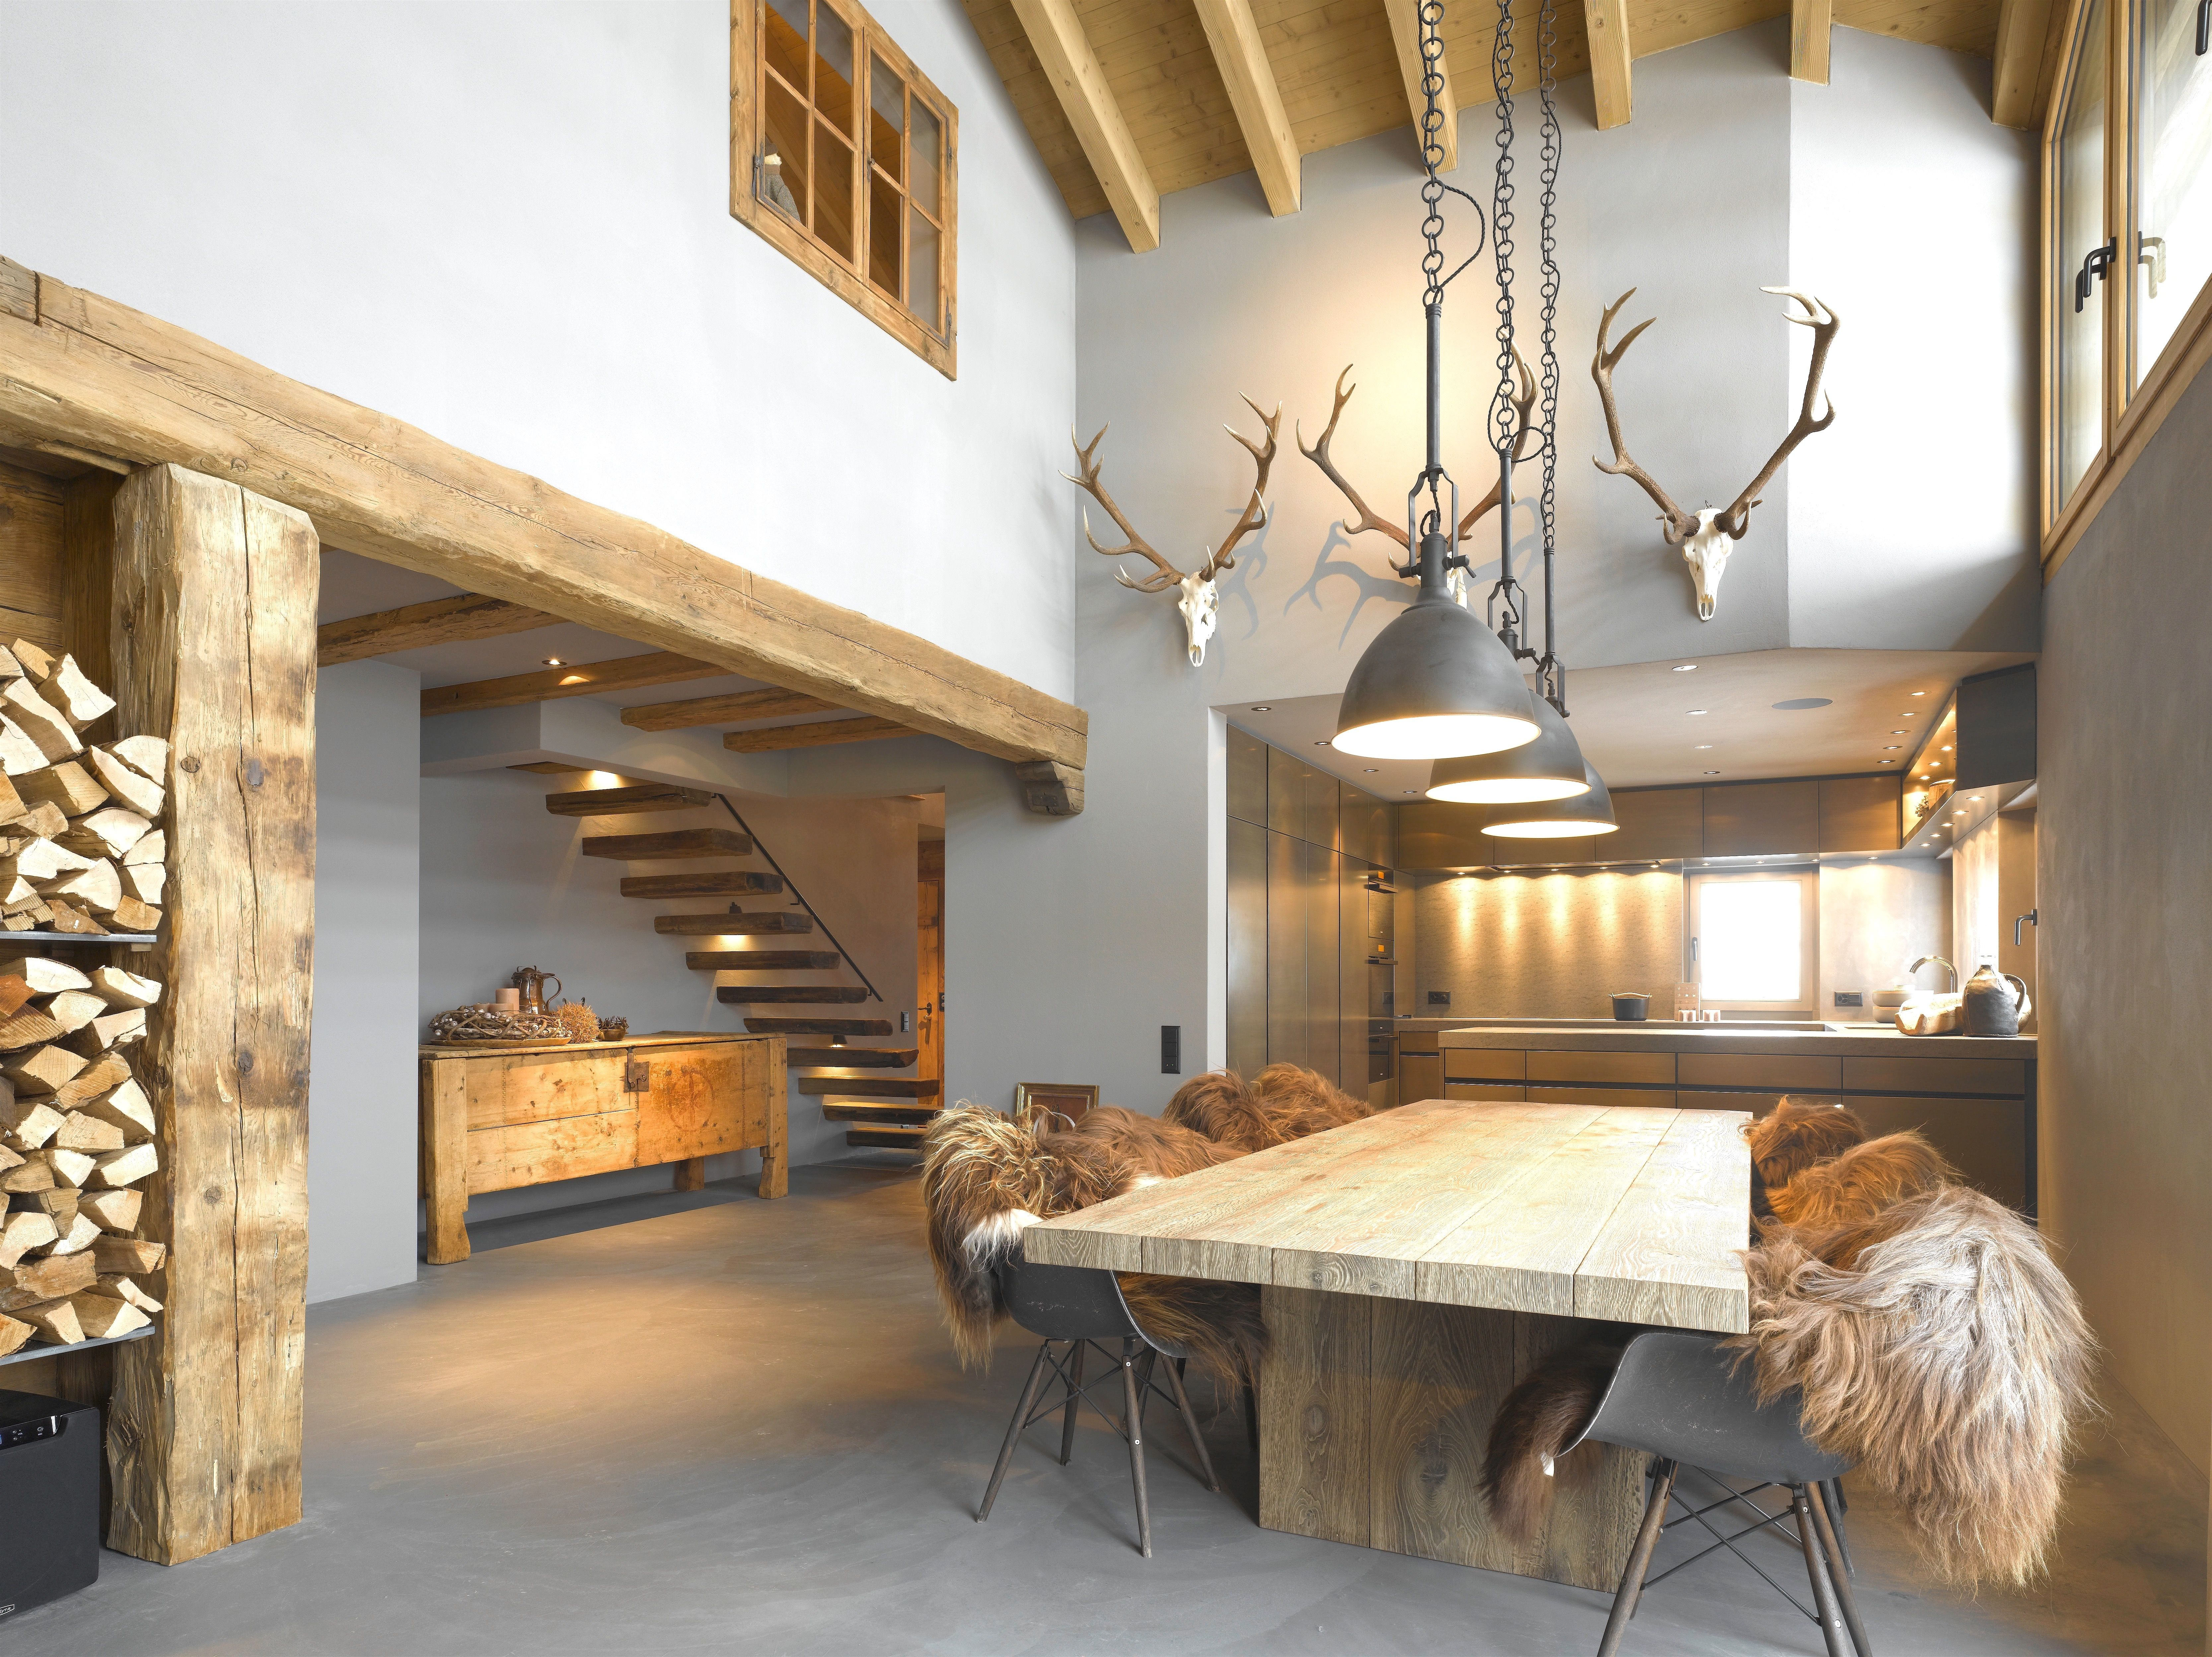 7 Schön Deko Ideen Holz  Wohnen, Wohnung, Rustikales wohnzimmer